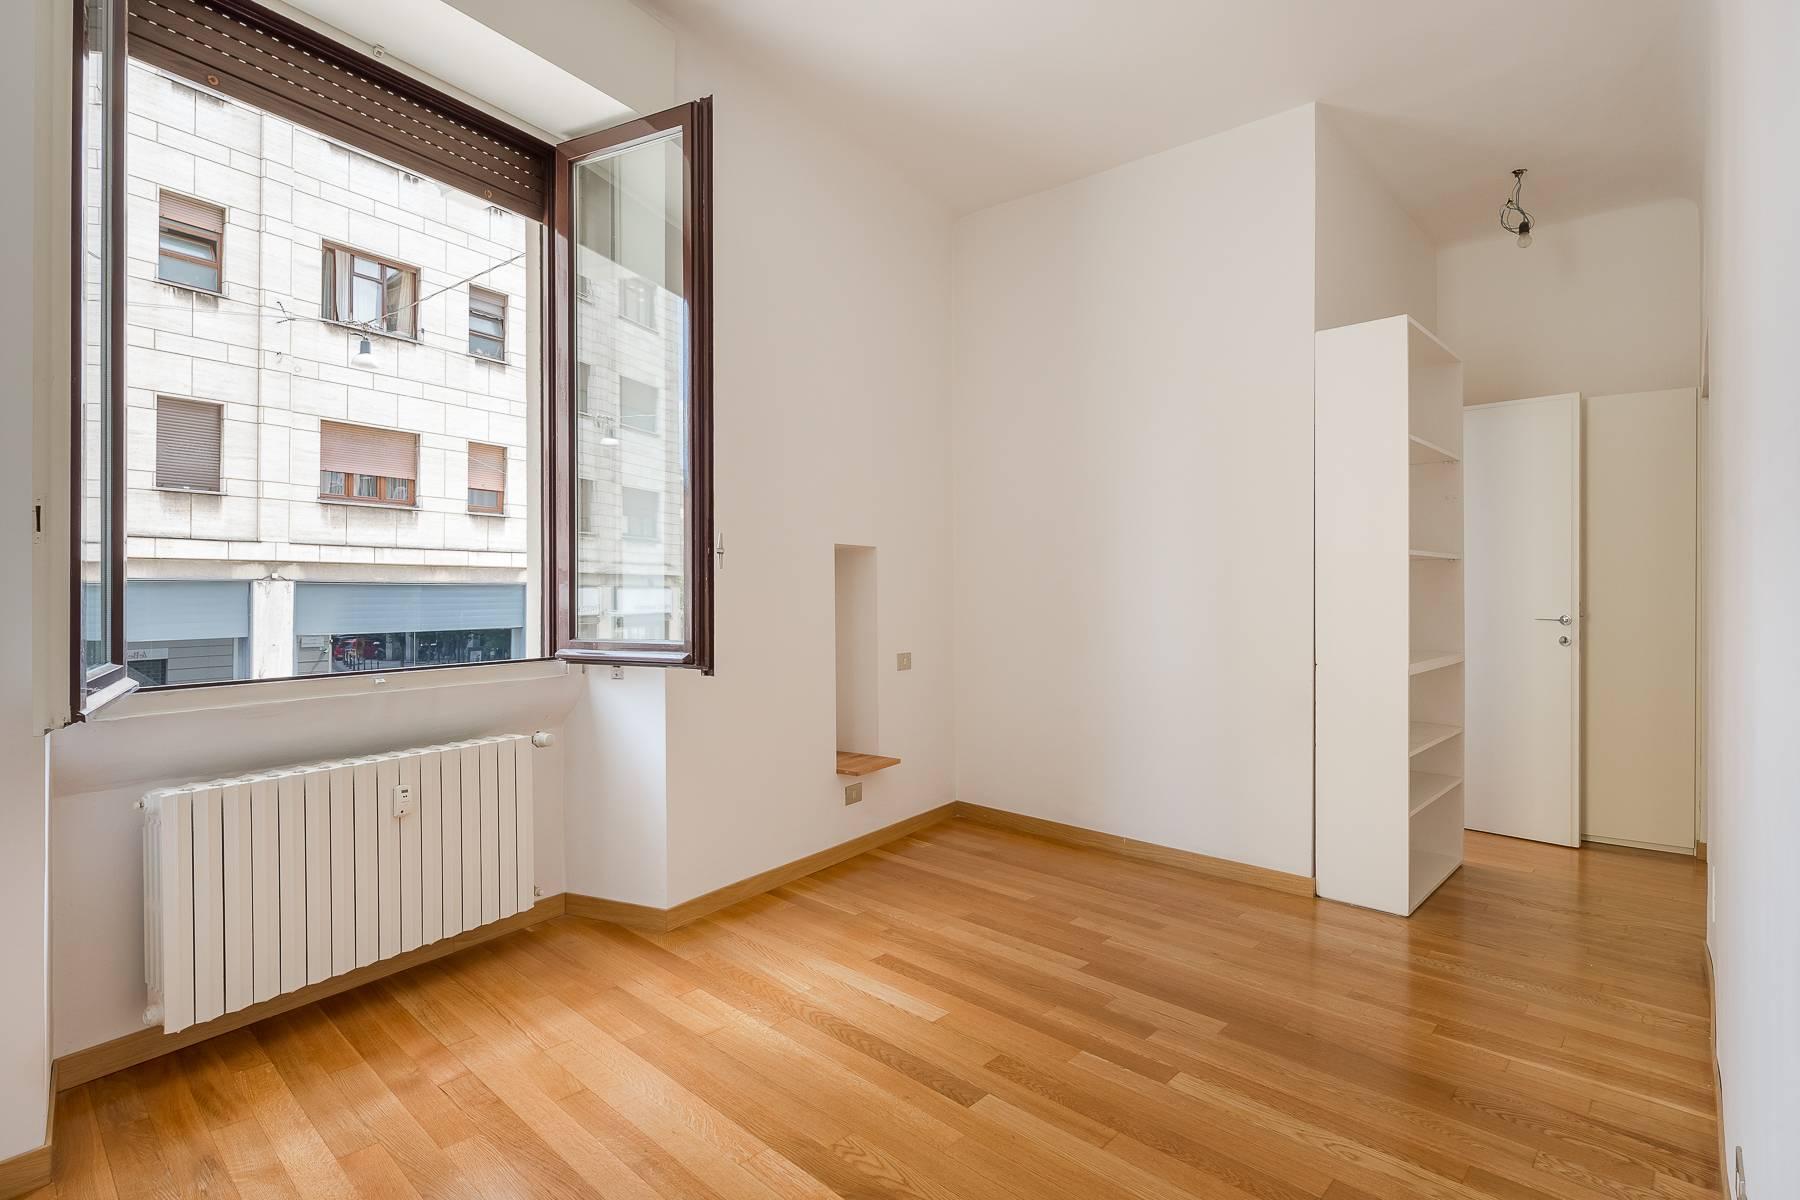 Appartamento in Vendita a Milano: 3 locali, 101 mq - Foto 11